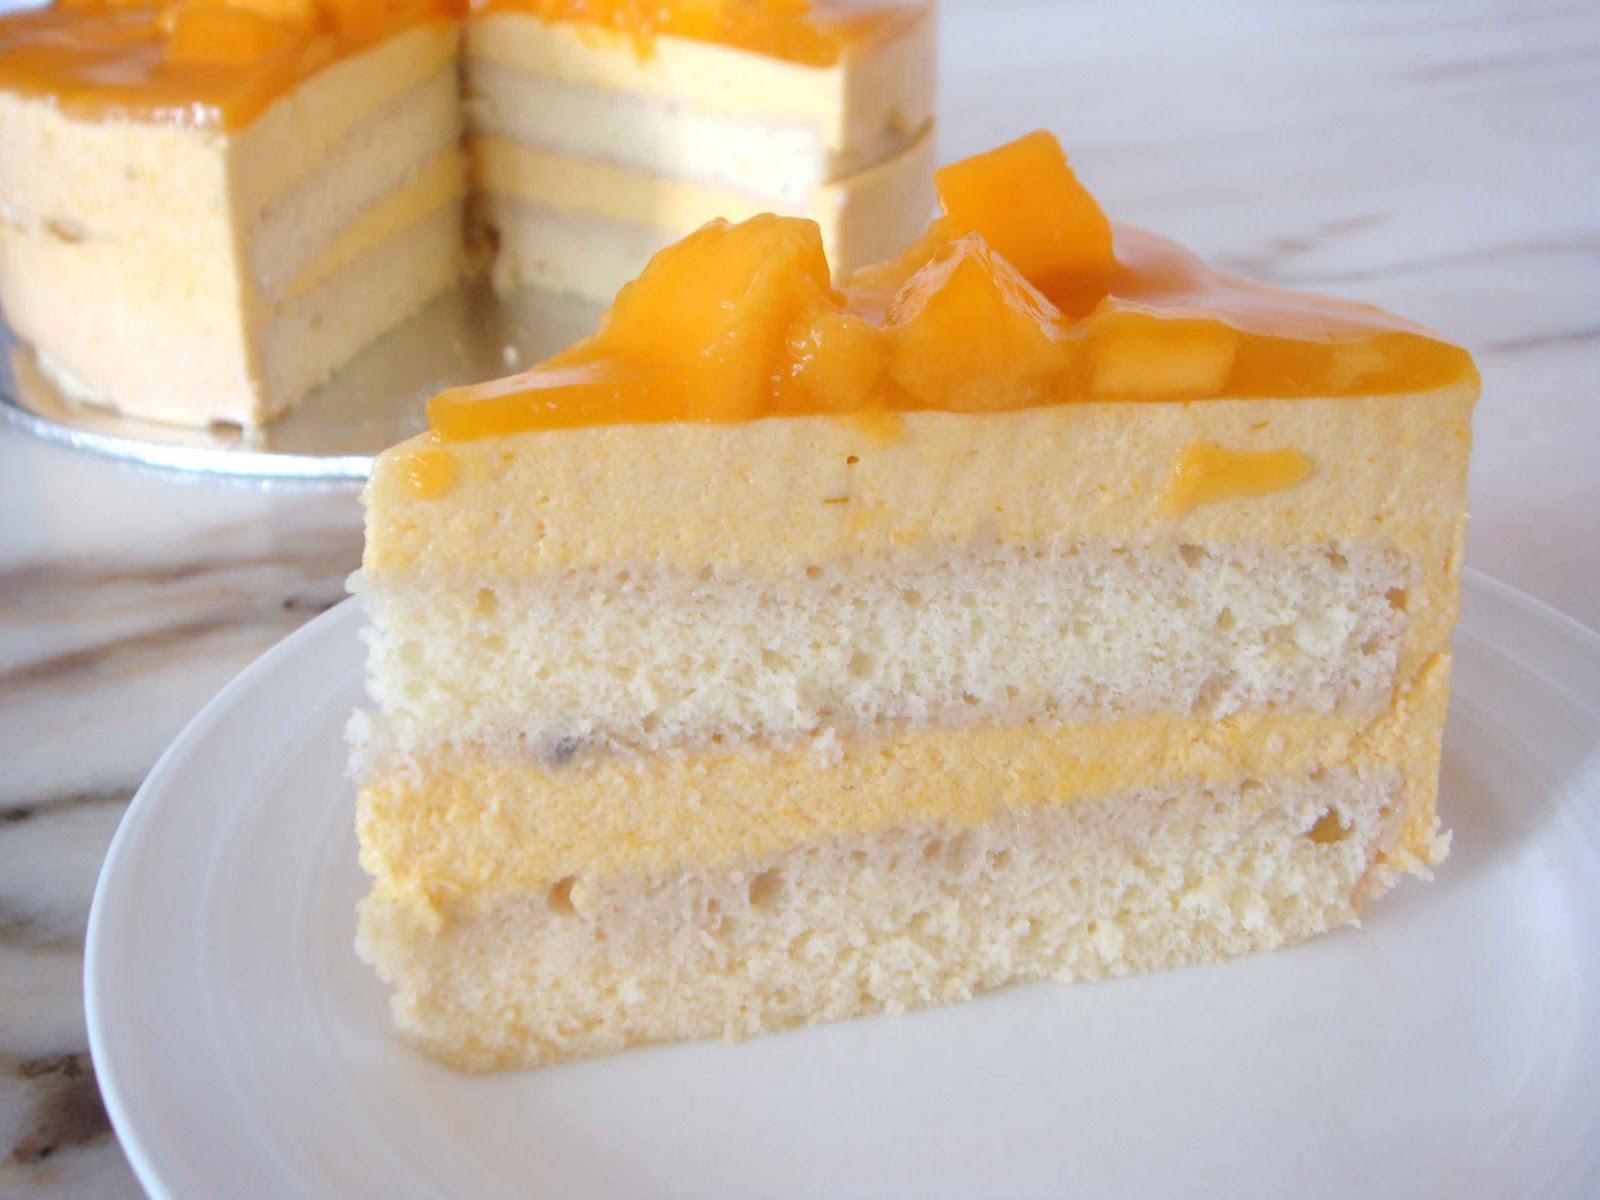 Mango Dessert Recipes  Mango Cake Recipe Easy Dessert Recipes